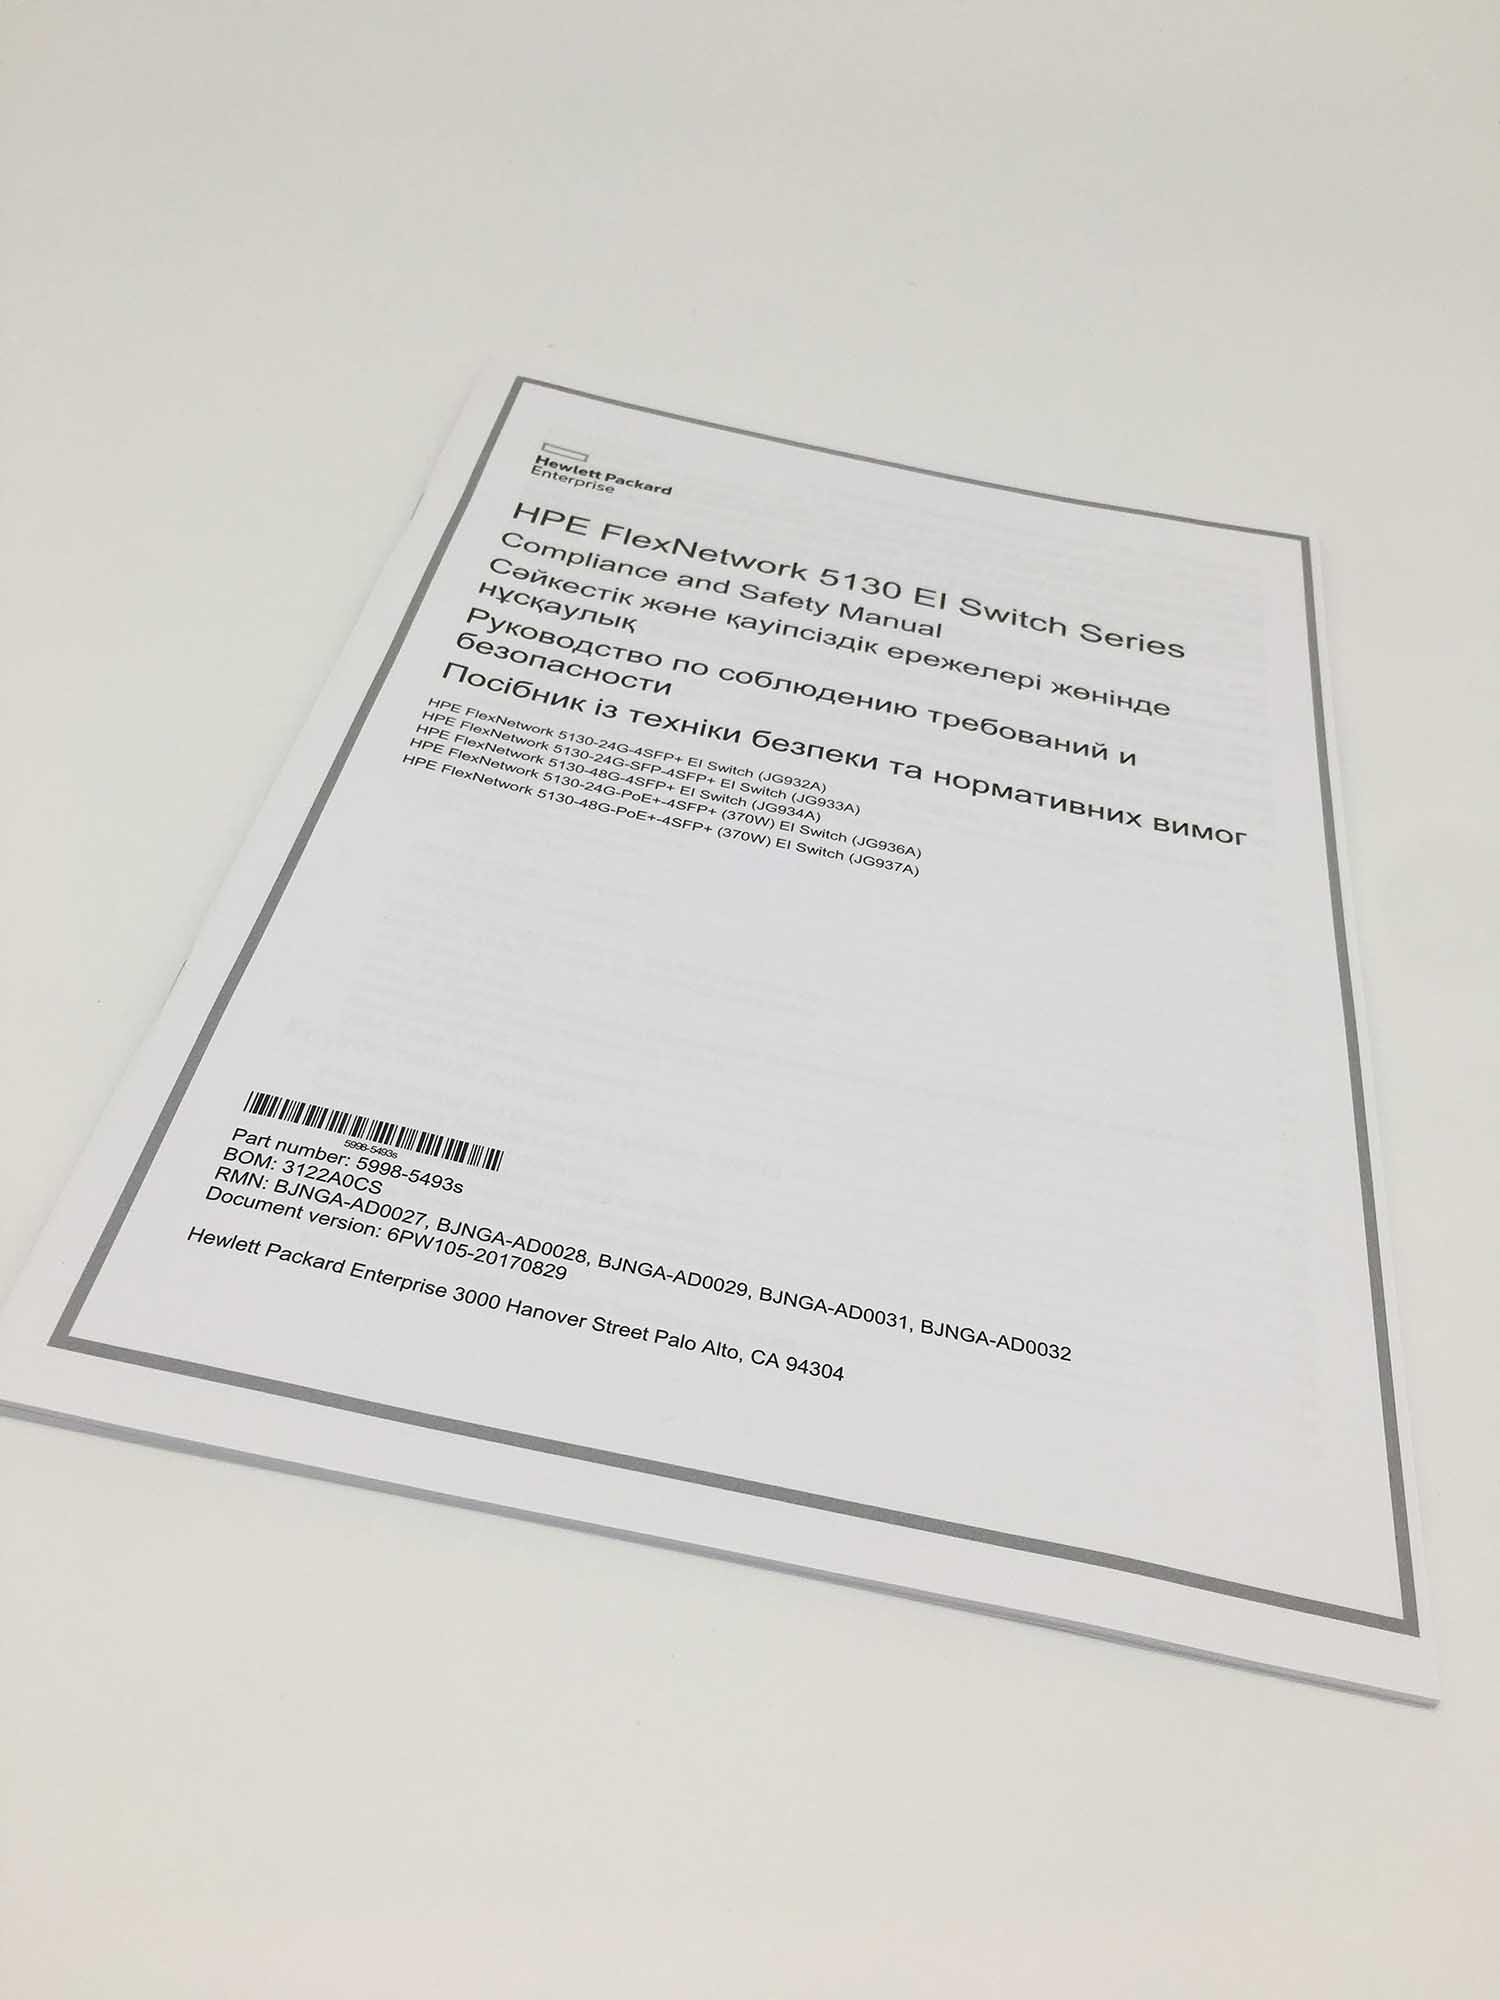 航空港产品宣传册印刷